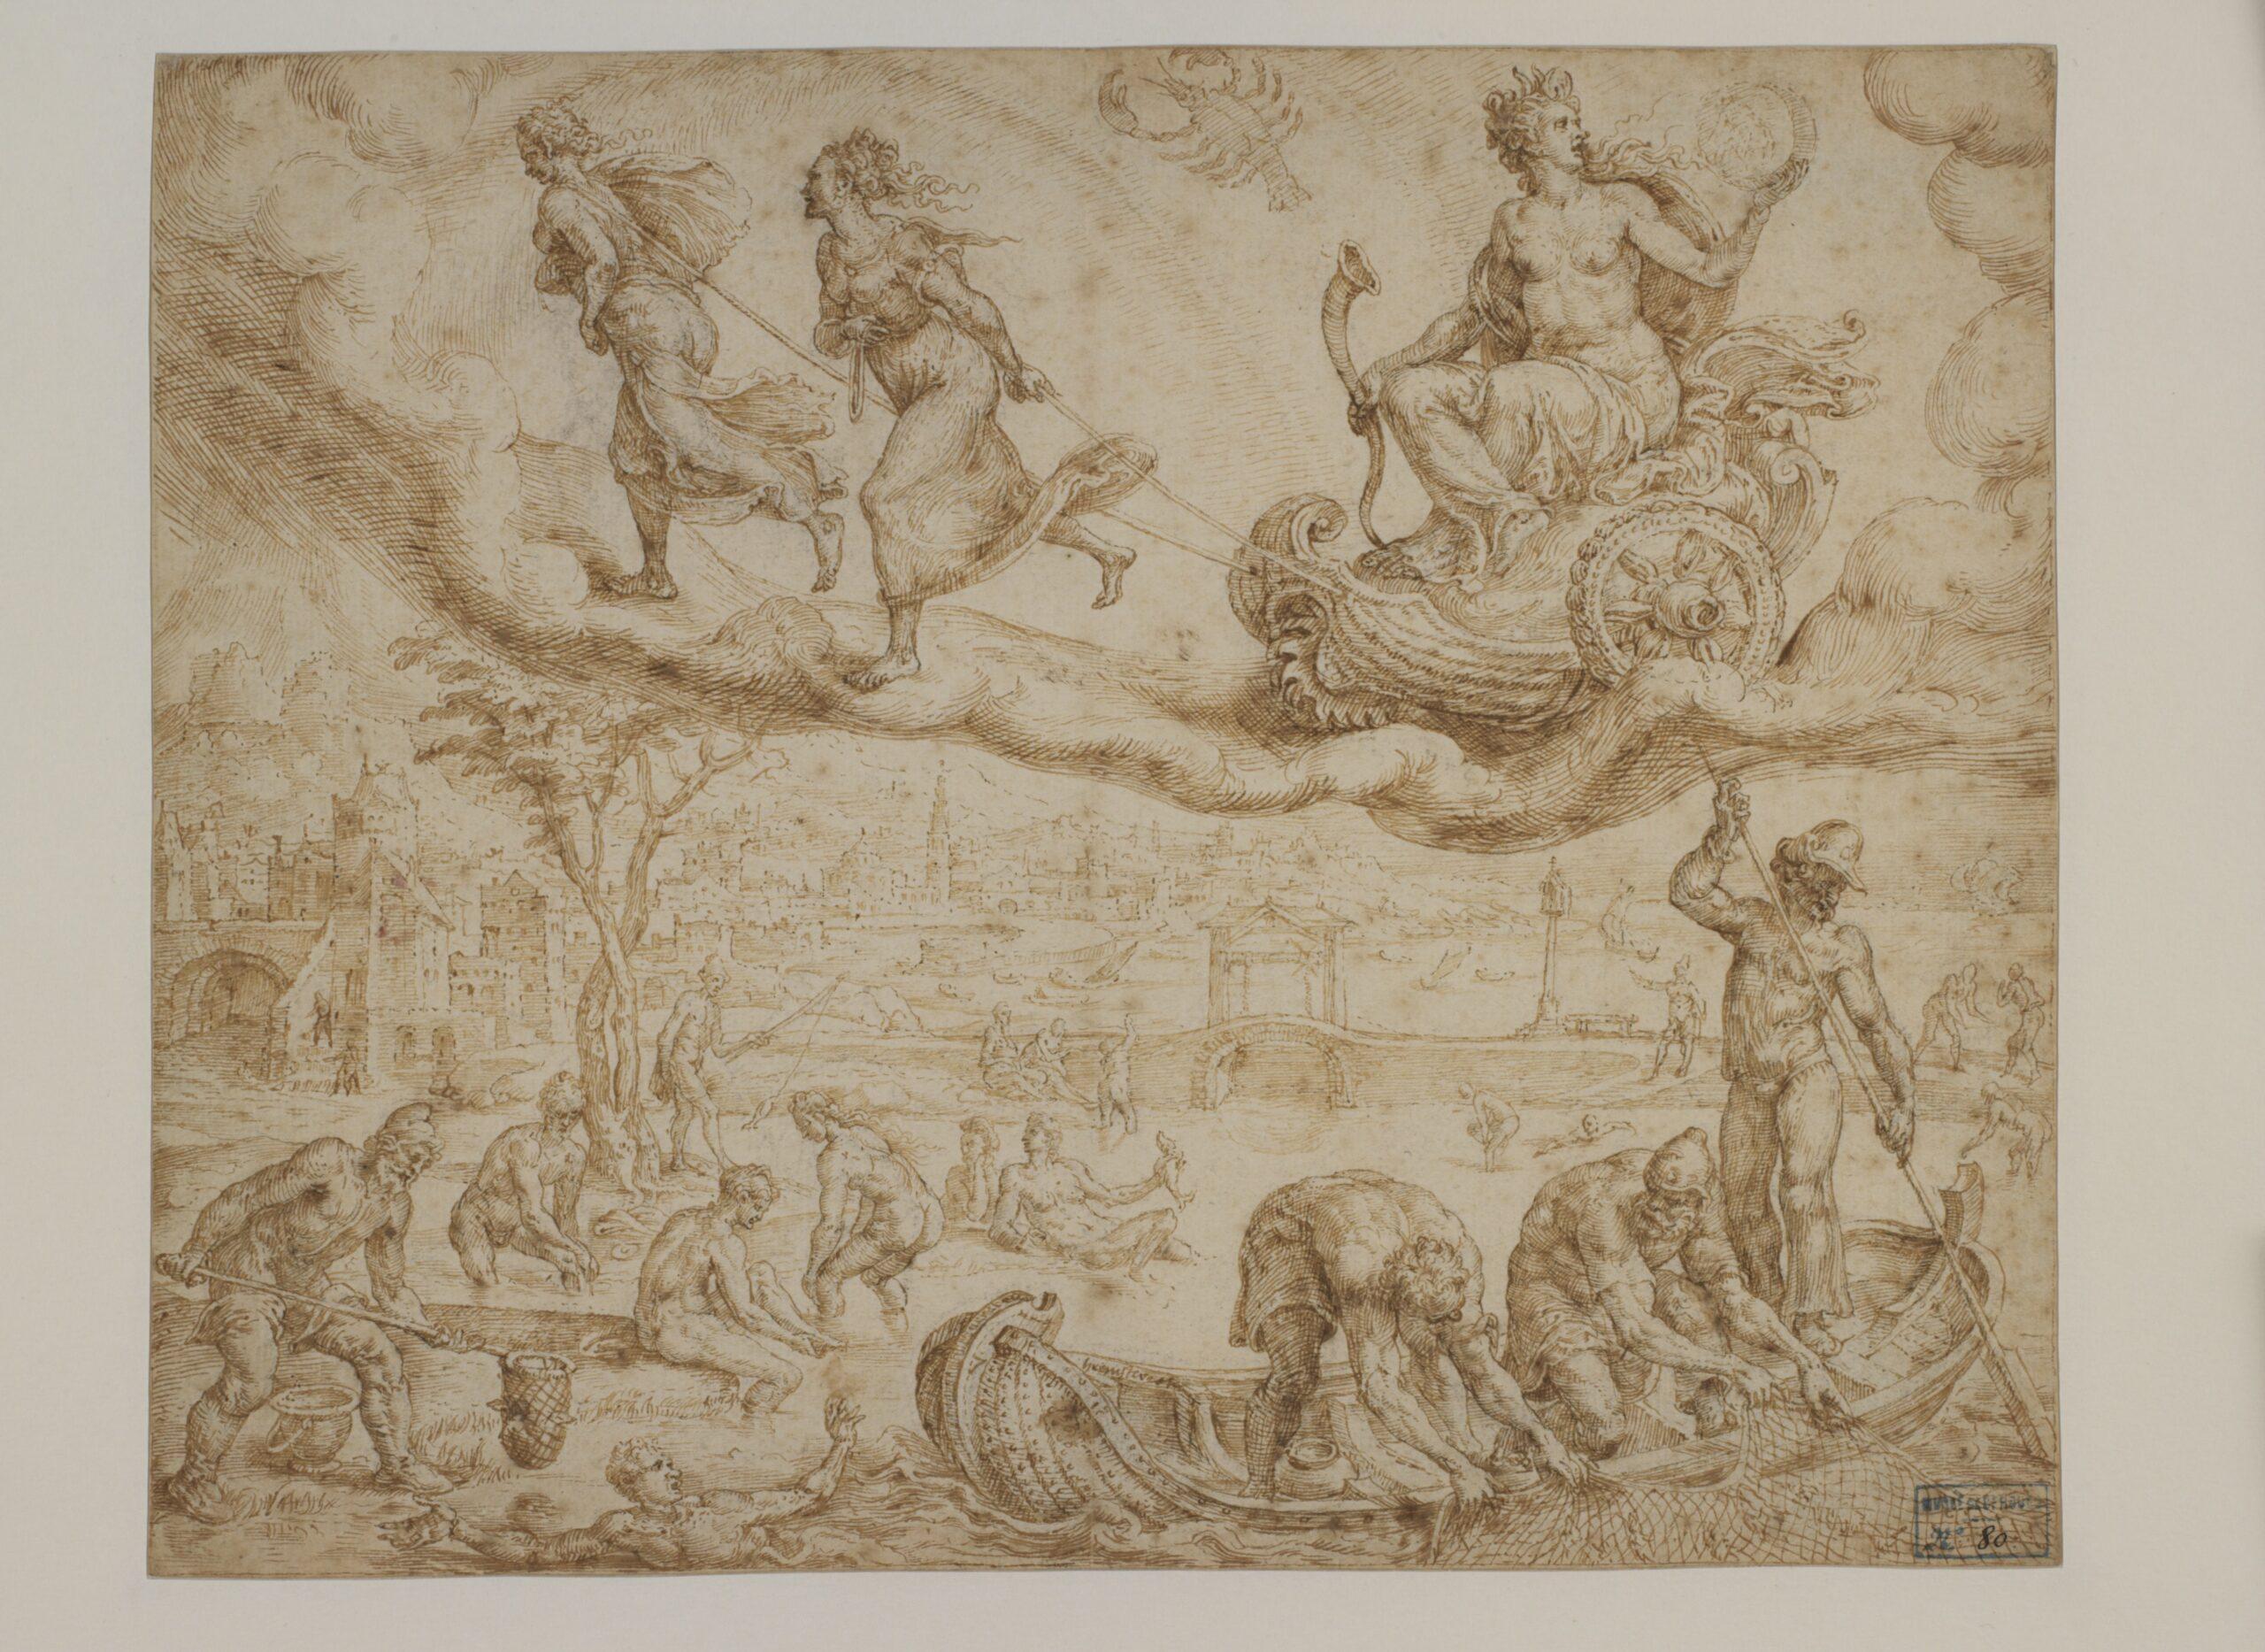 Maarten van Heemskerck (1498-1574), The Moon and her Children pen and brown ink, over black chalk, 20 x 25 cm Bergues, Musée du Mont-de-Piété, inv. no. 2011.0.209.80 © Musée du Mont-de-Piété - Bergues / Photo Gilles Decavel